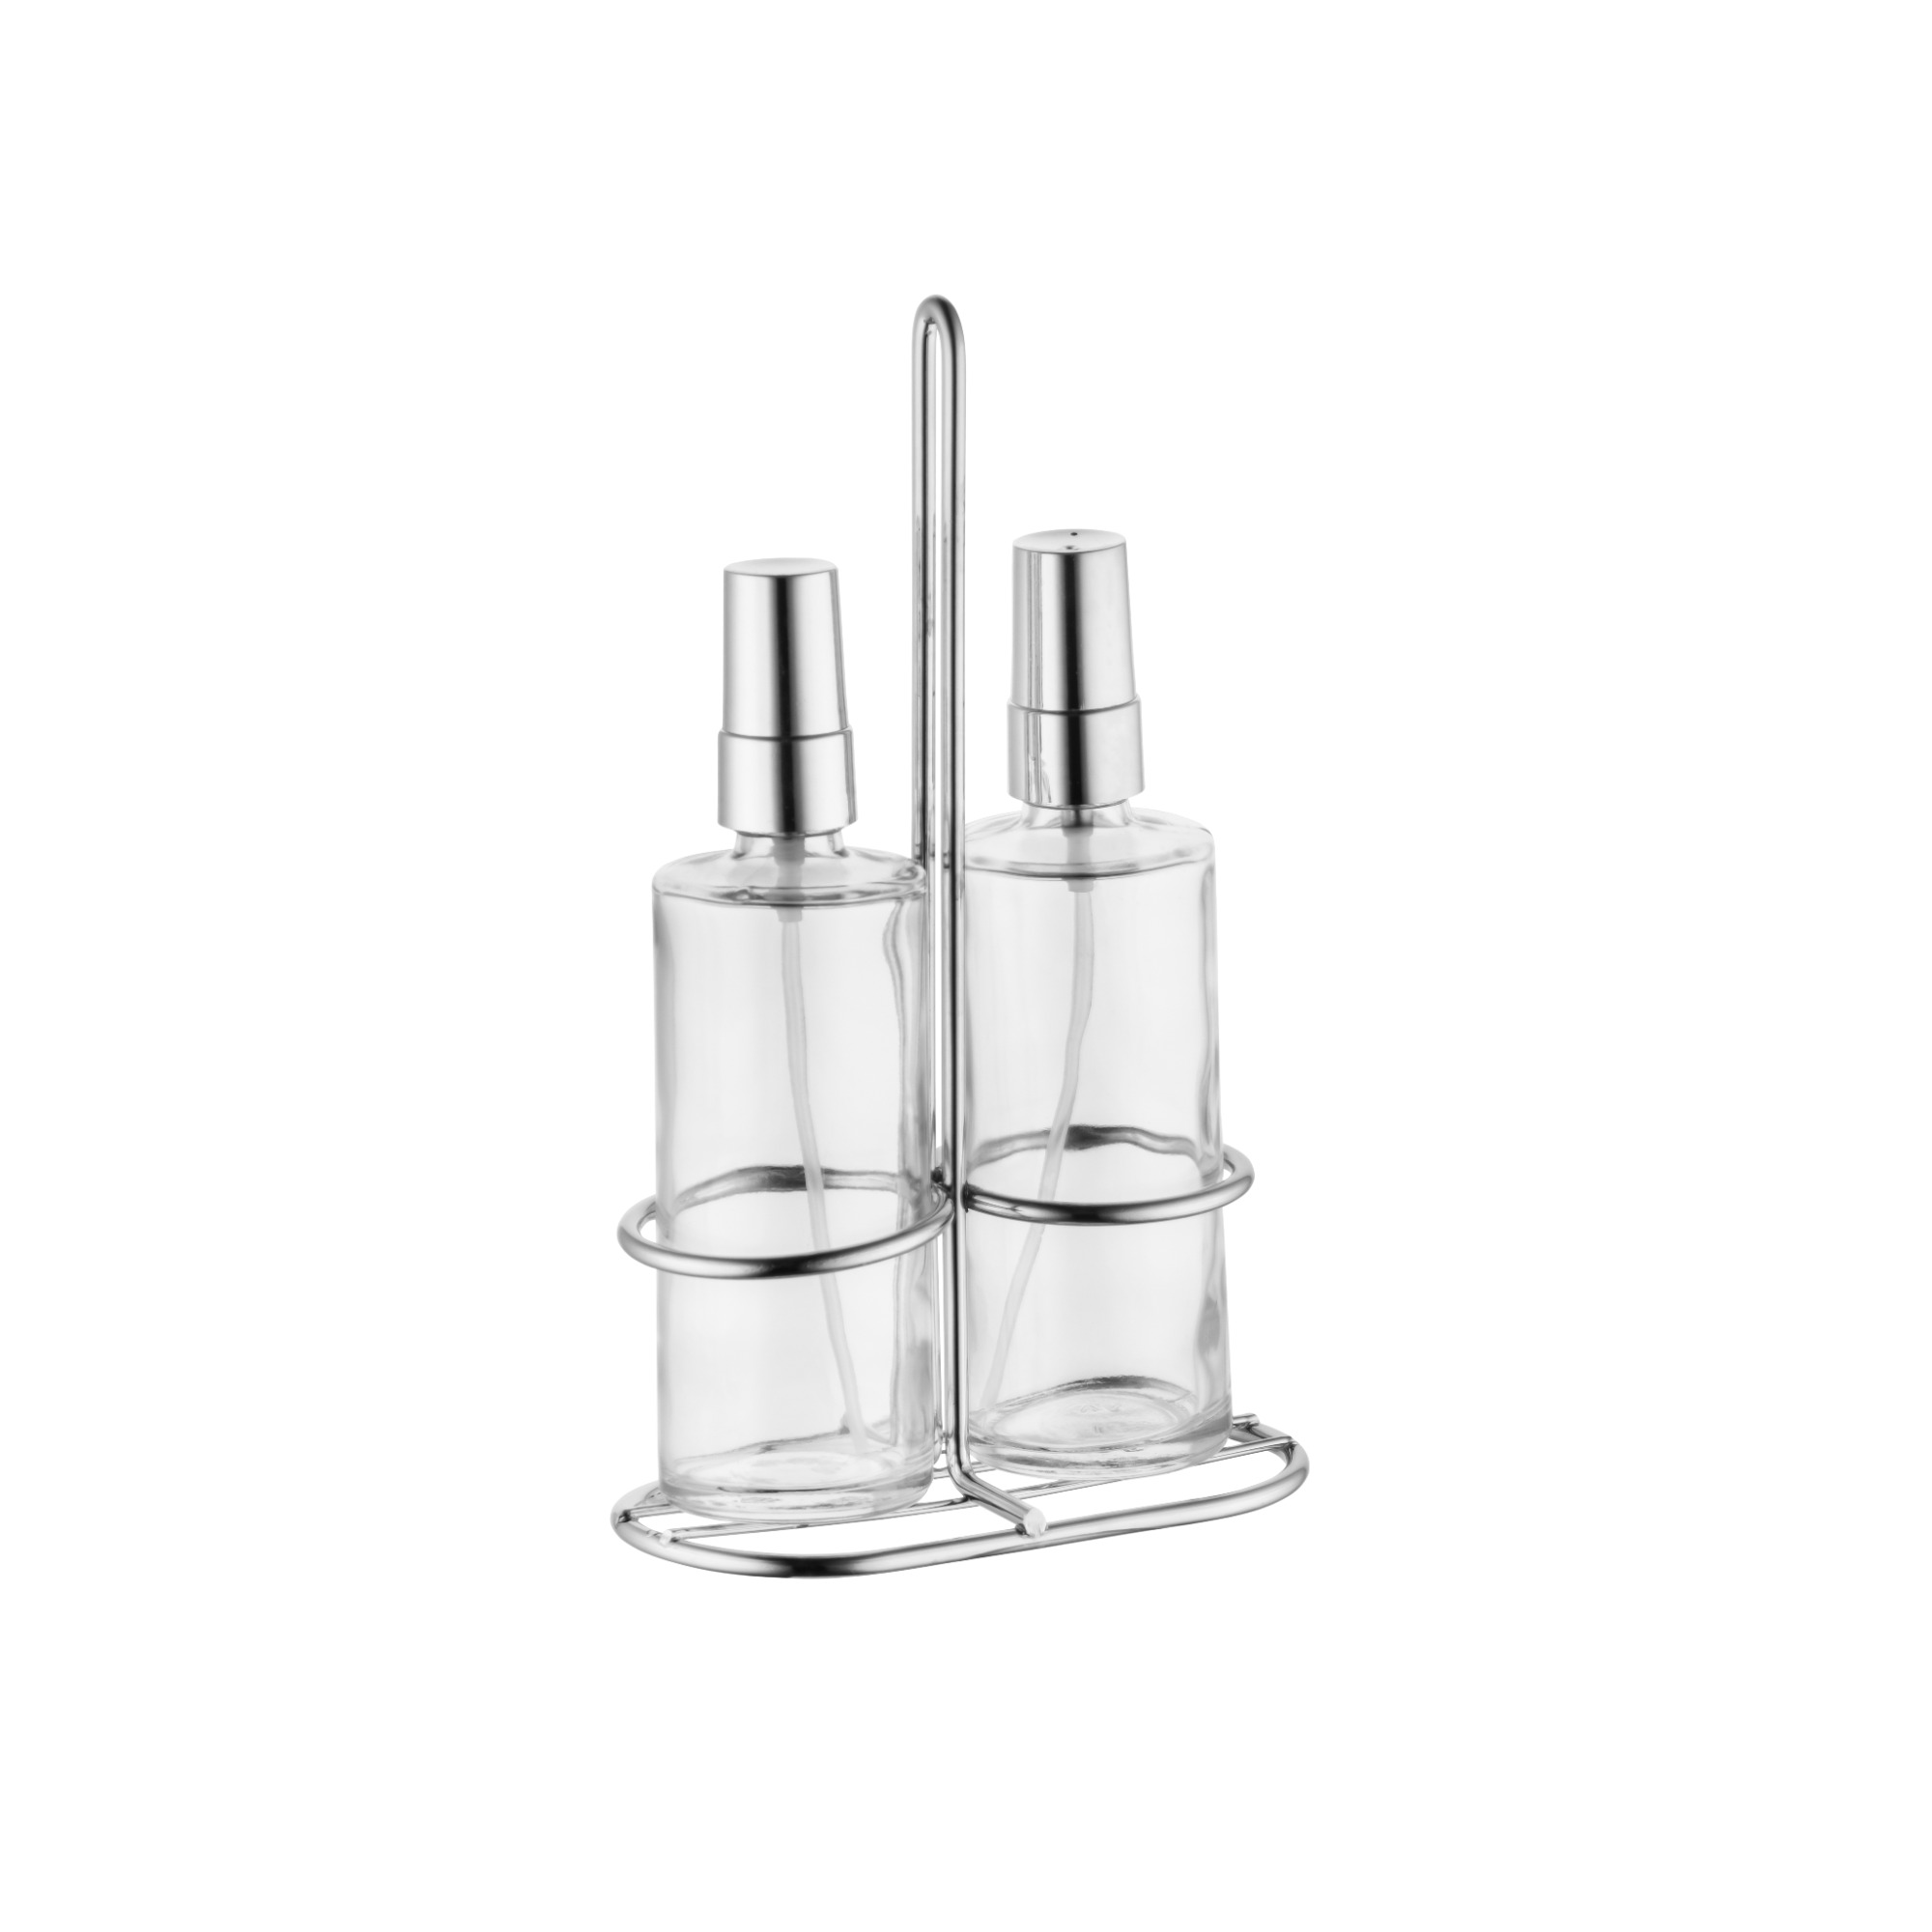 Galheteiro Spray Vidro Transparente - Forma